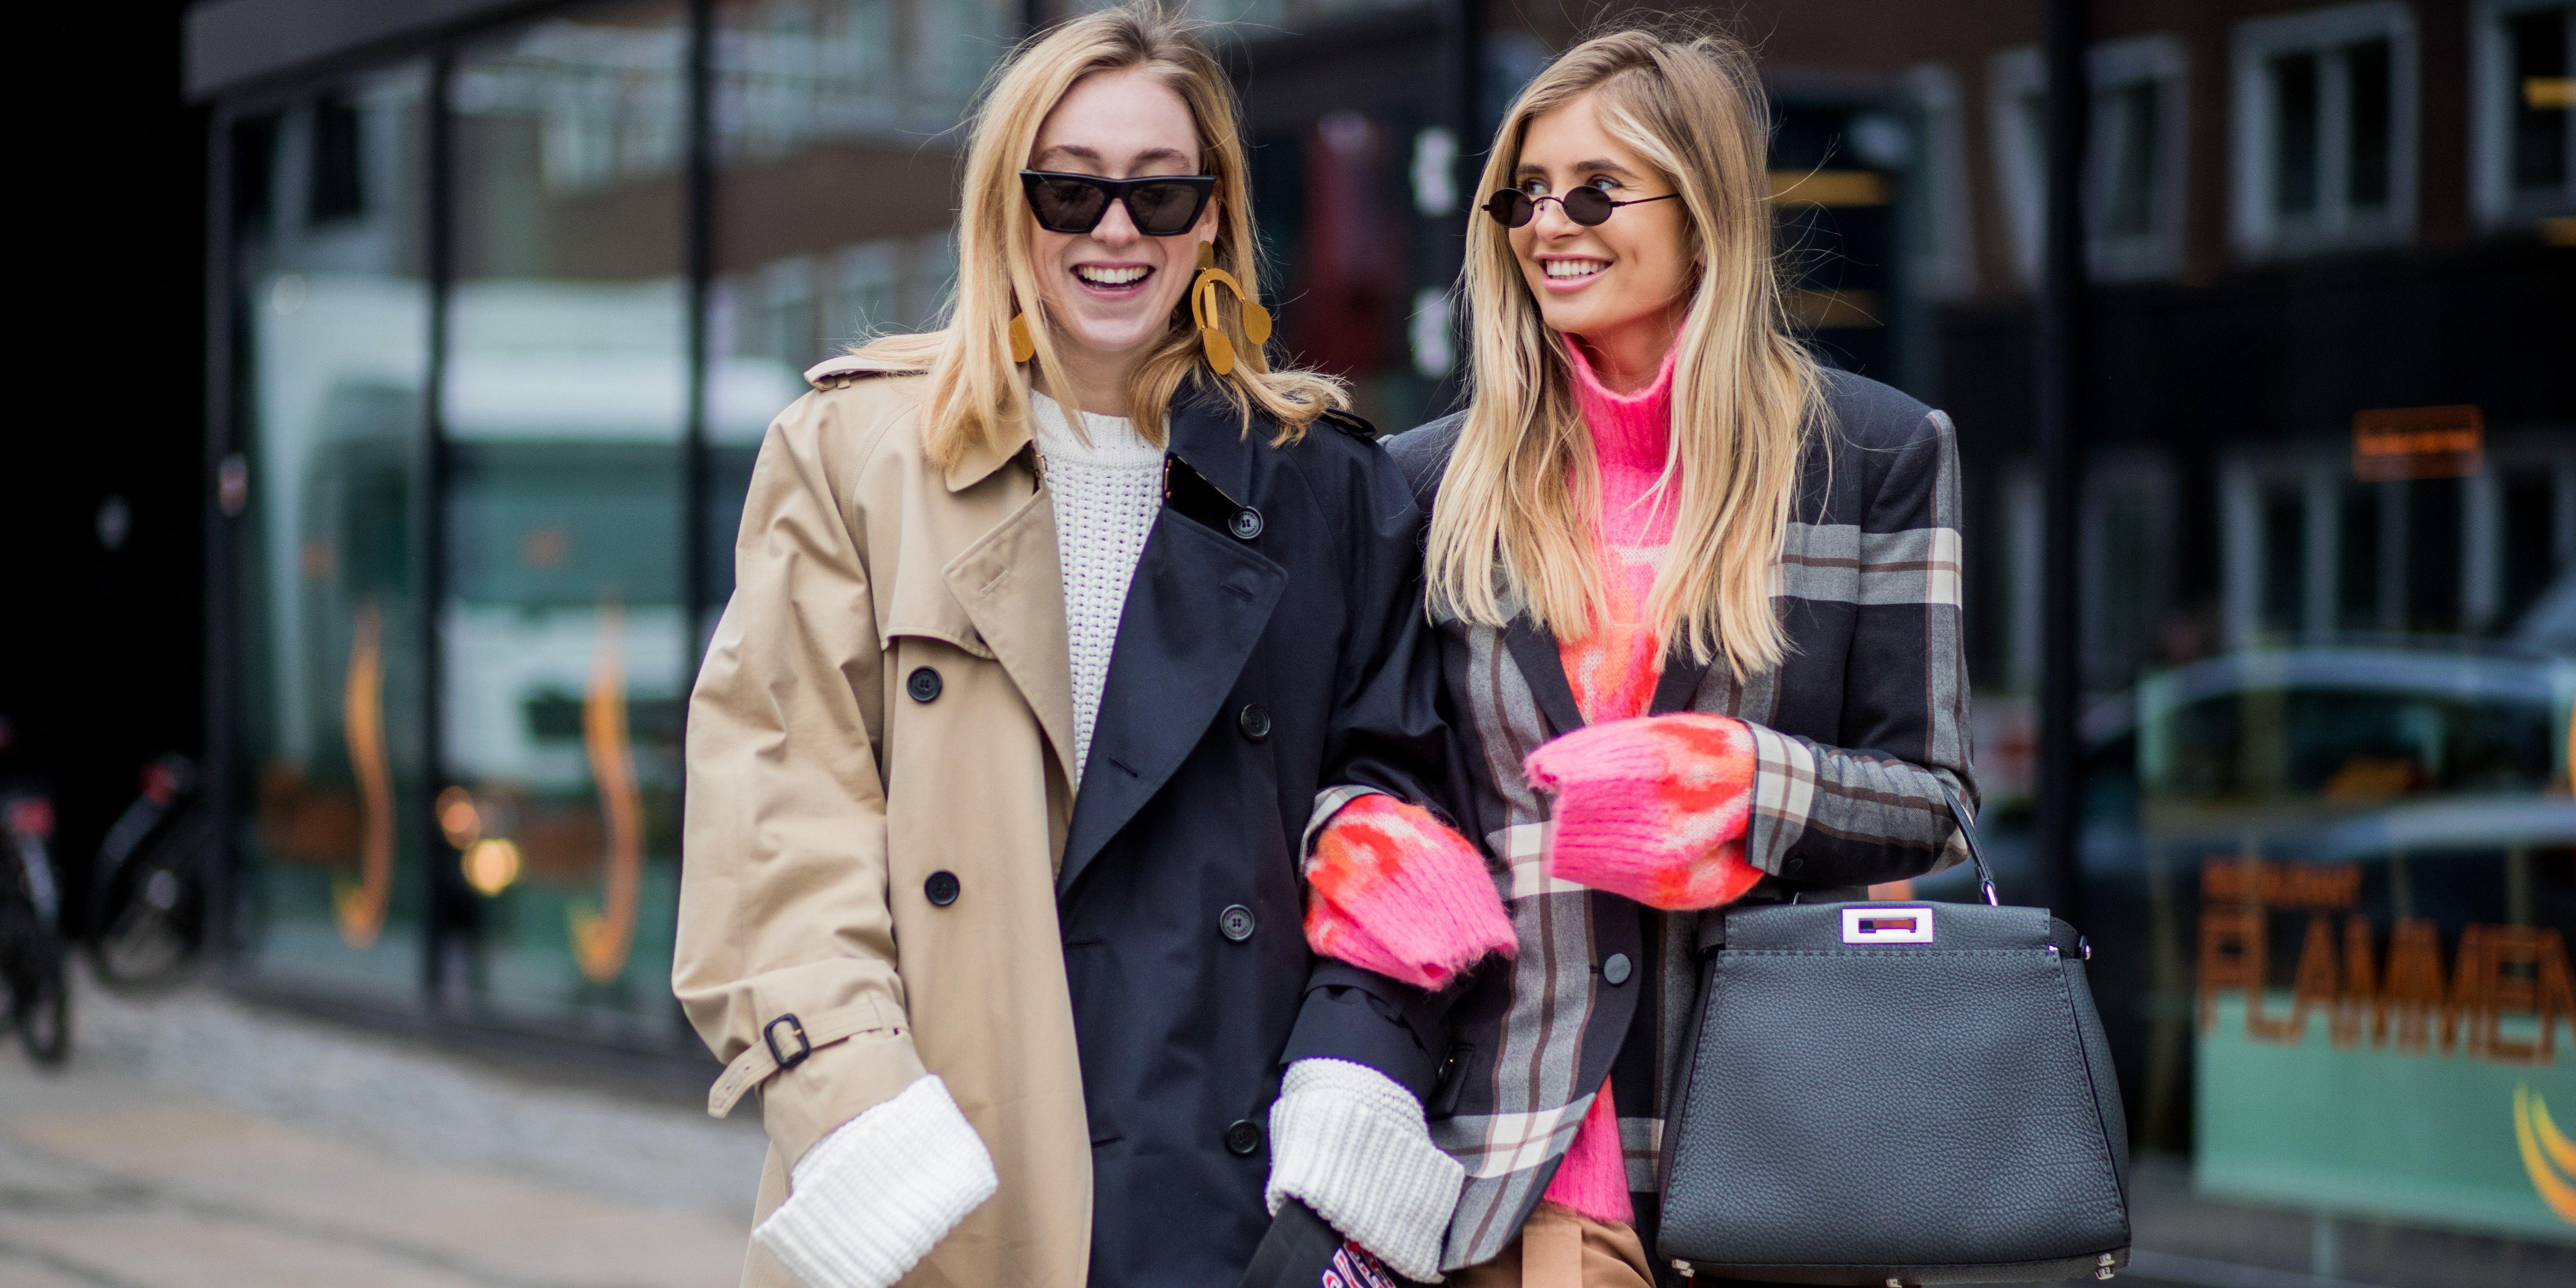 Streetstyle Fashion WeekKopenhagen